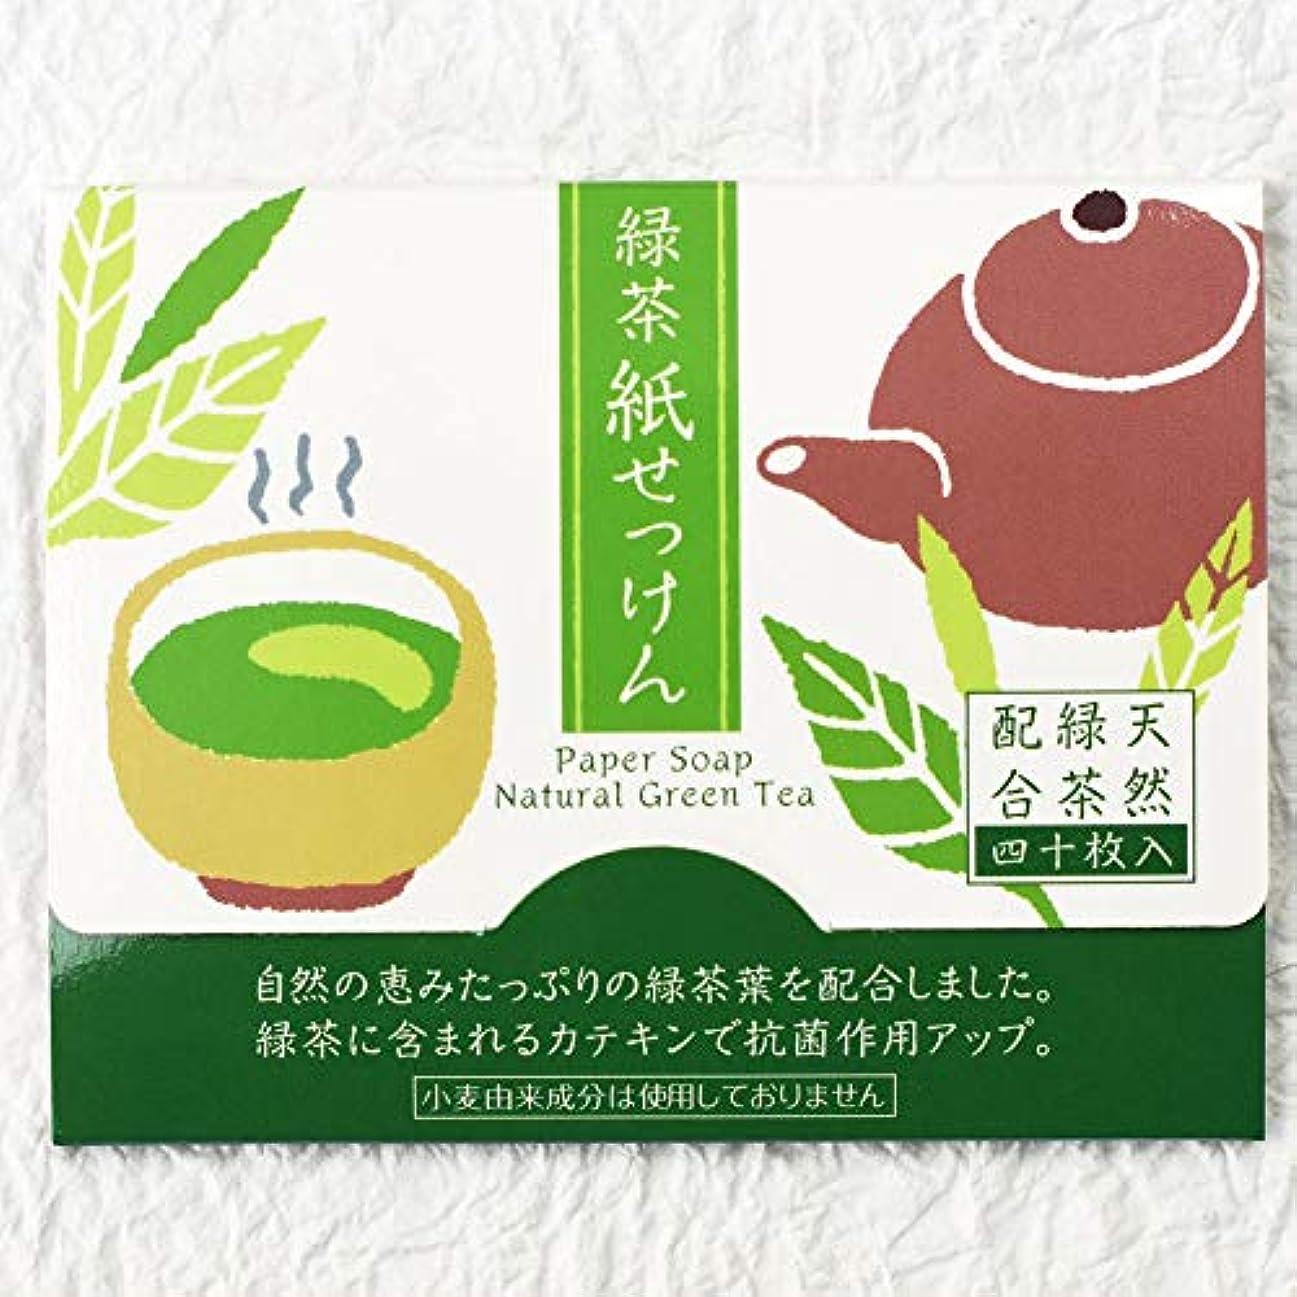 止まる厄介な友情表現社 紙せっけん 天然緑茶配合 22-289